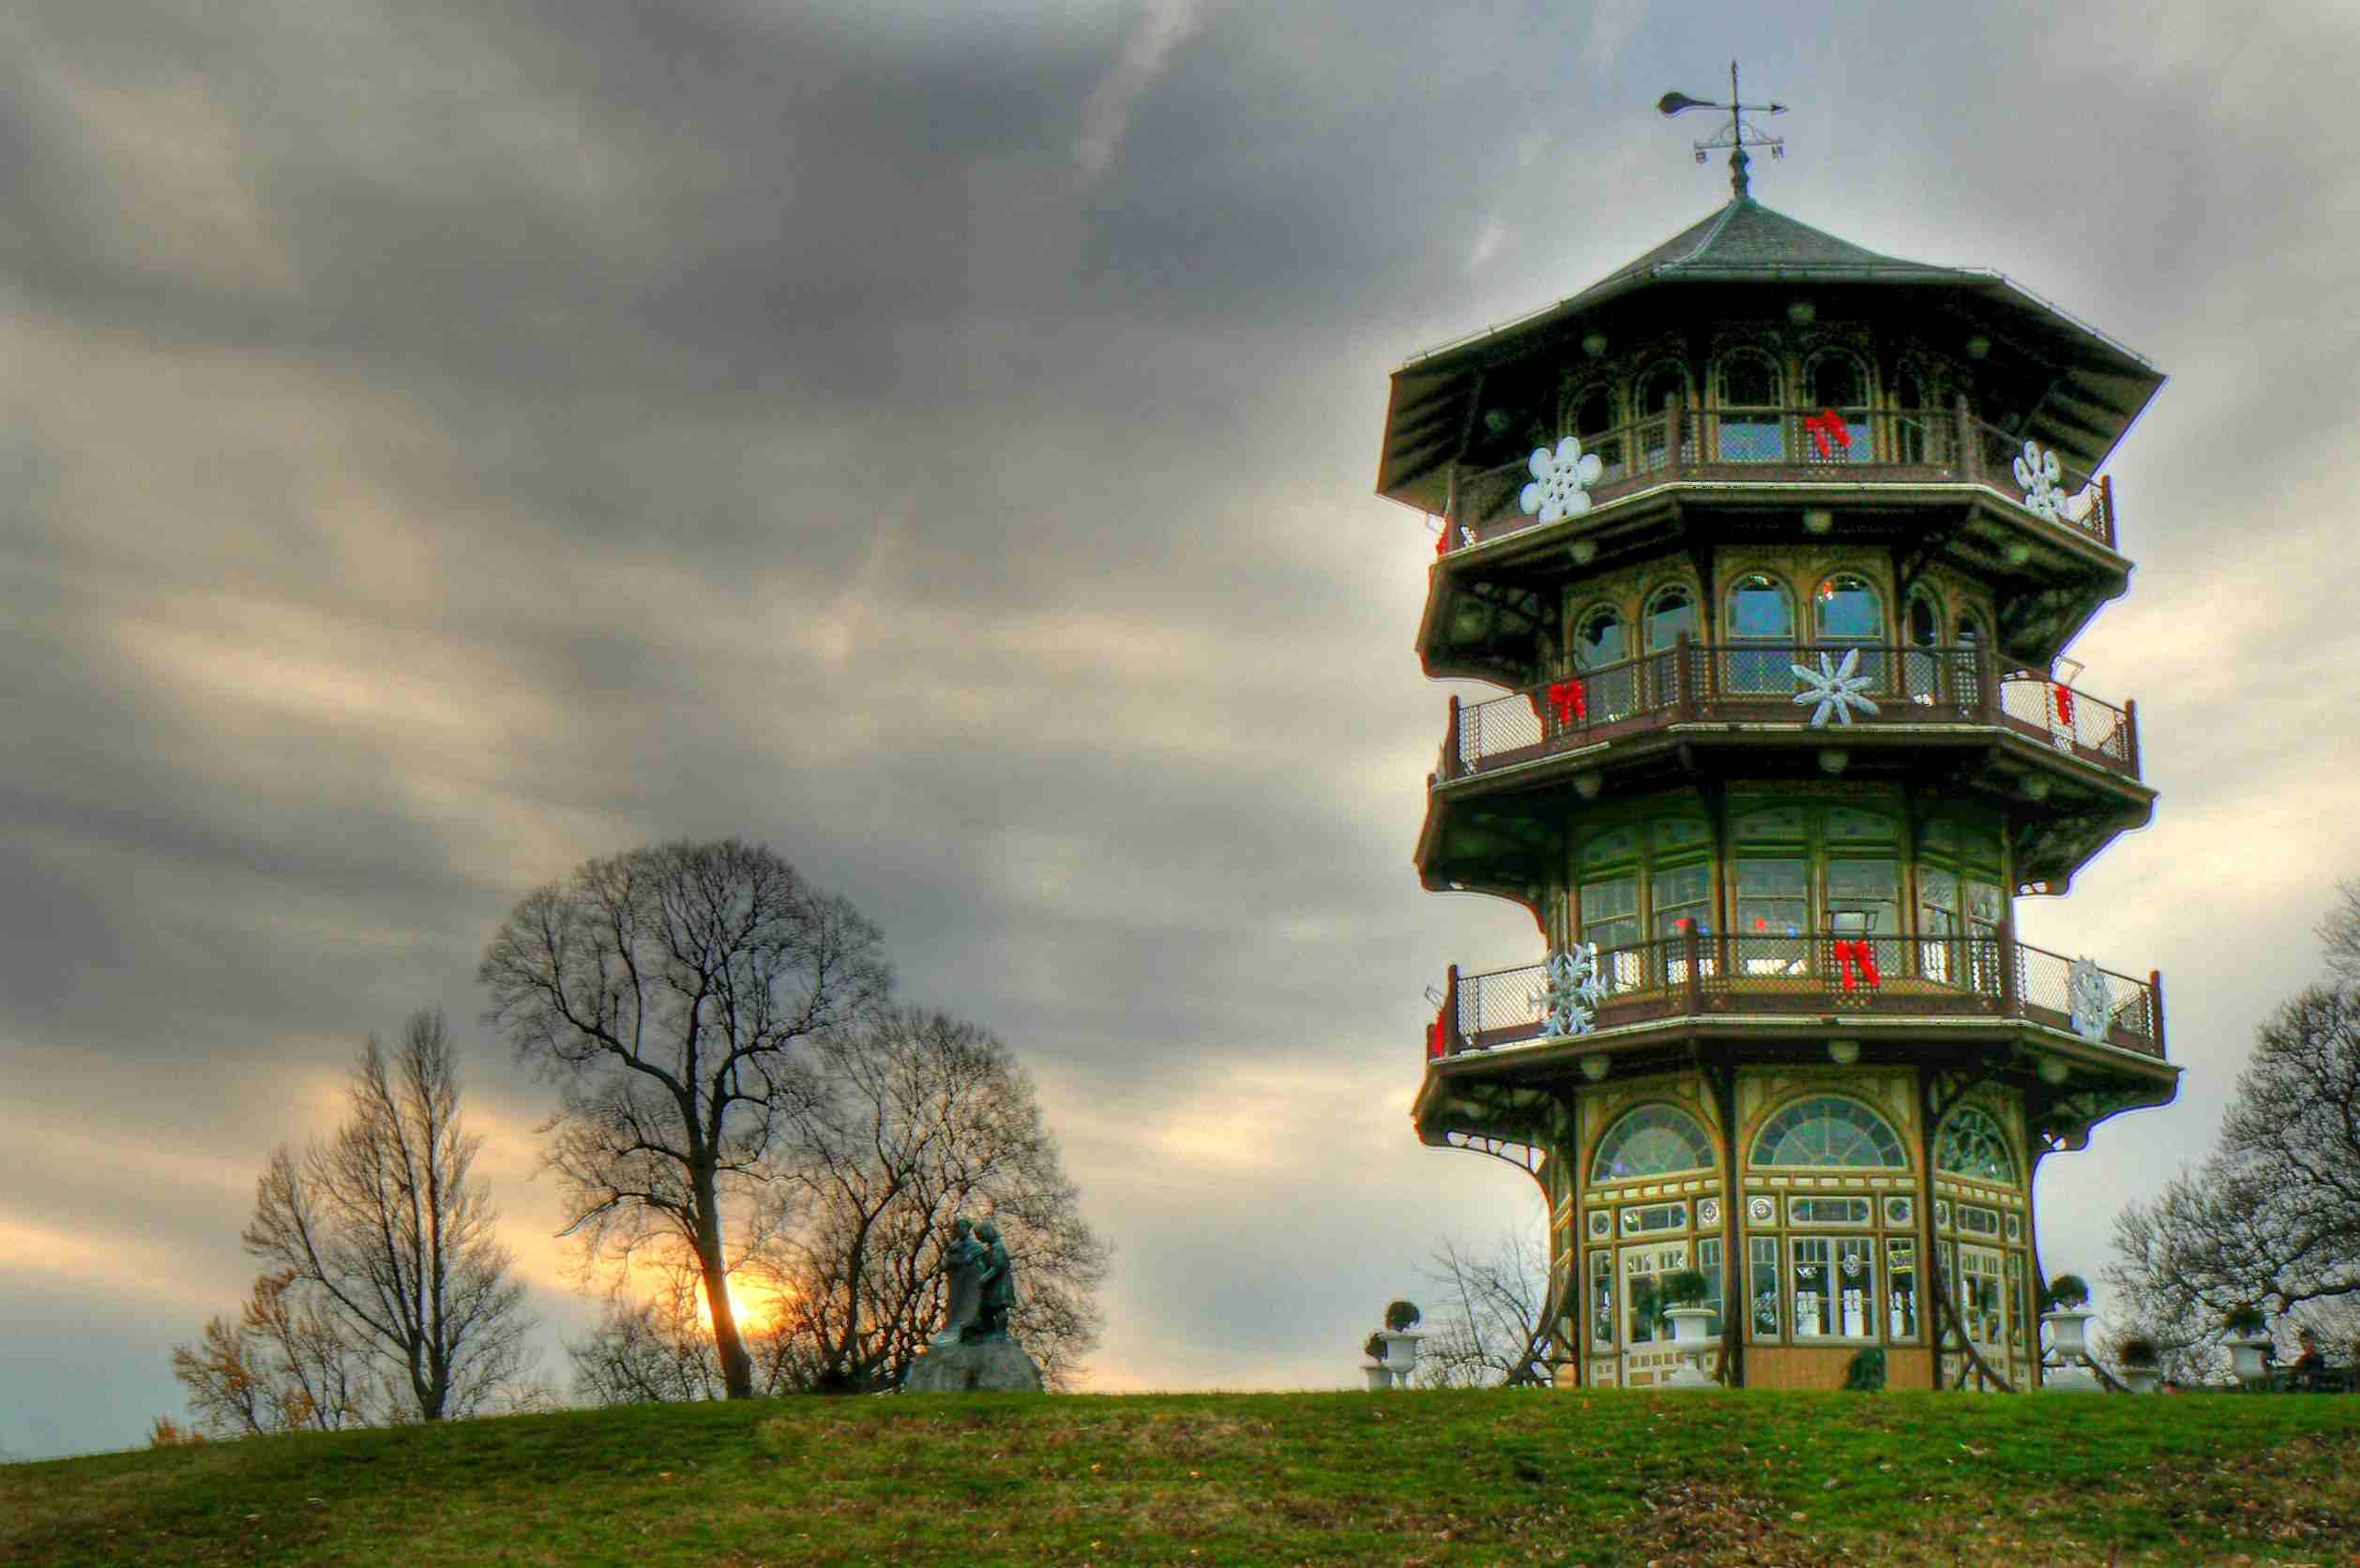 Pagoda at a park